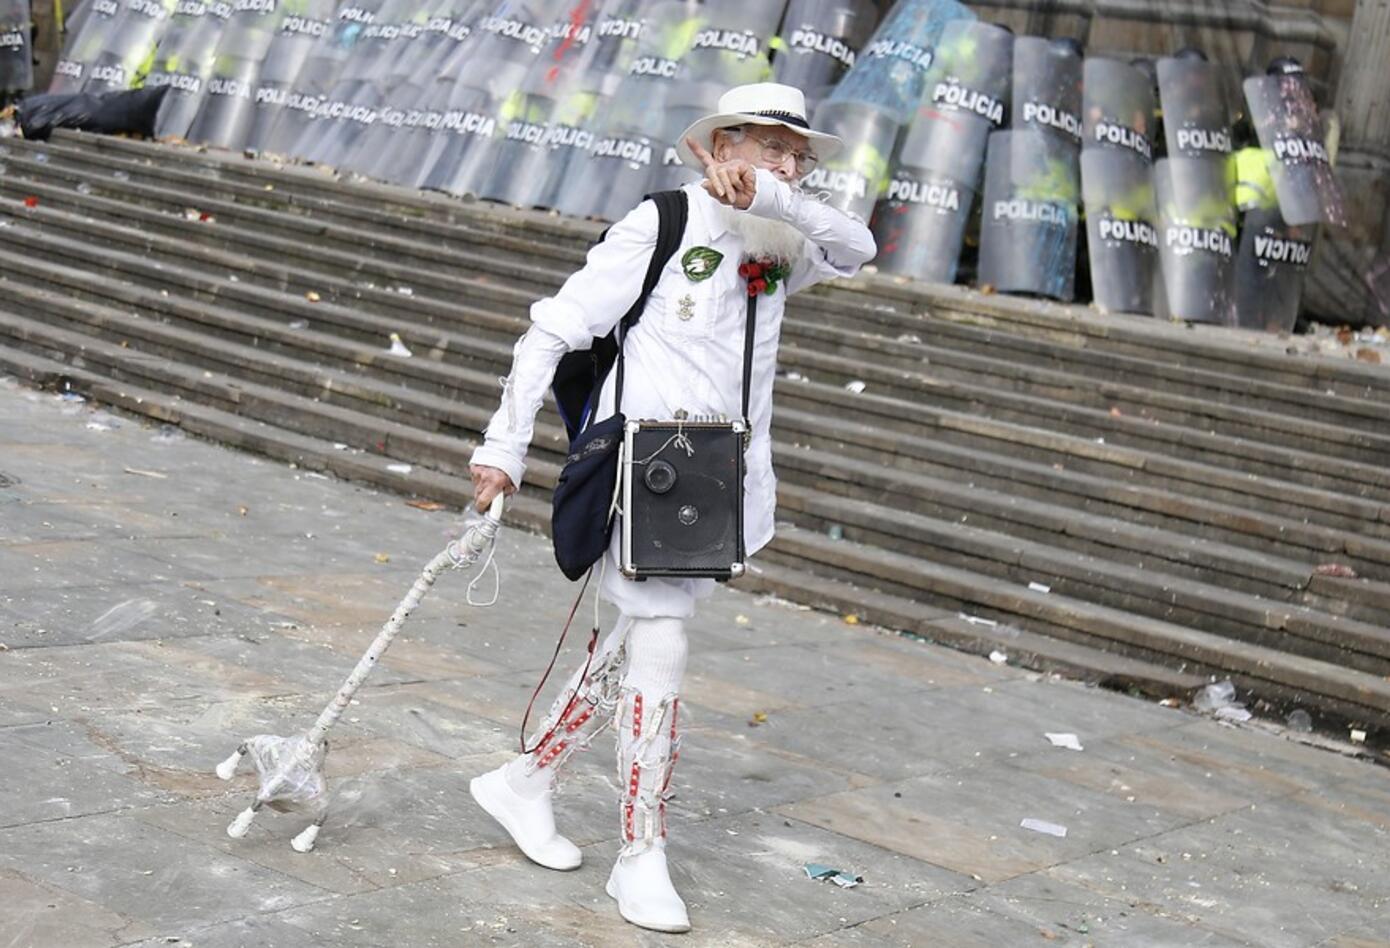 El Palomo por la Paz se defendía con su bastón como arma.